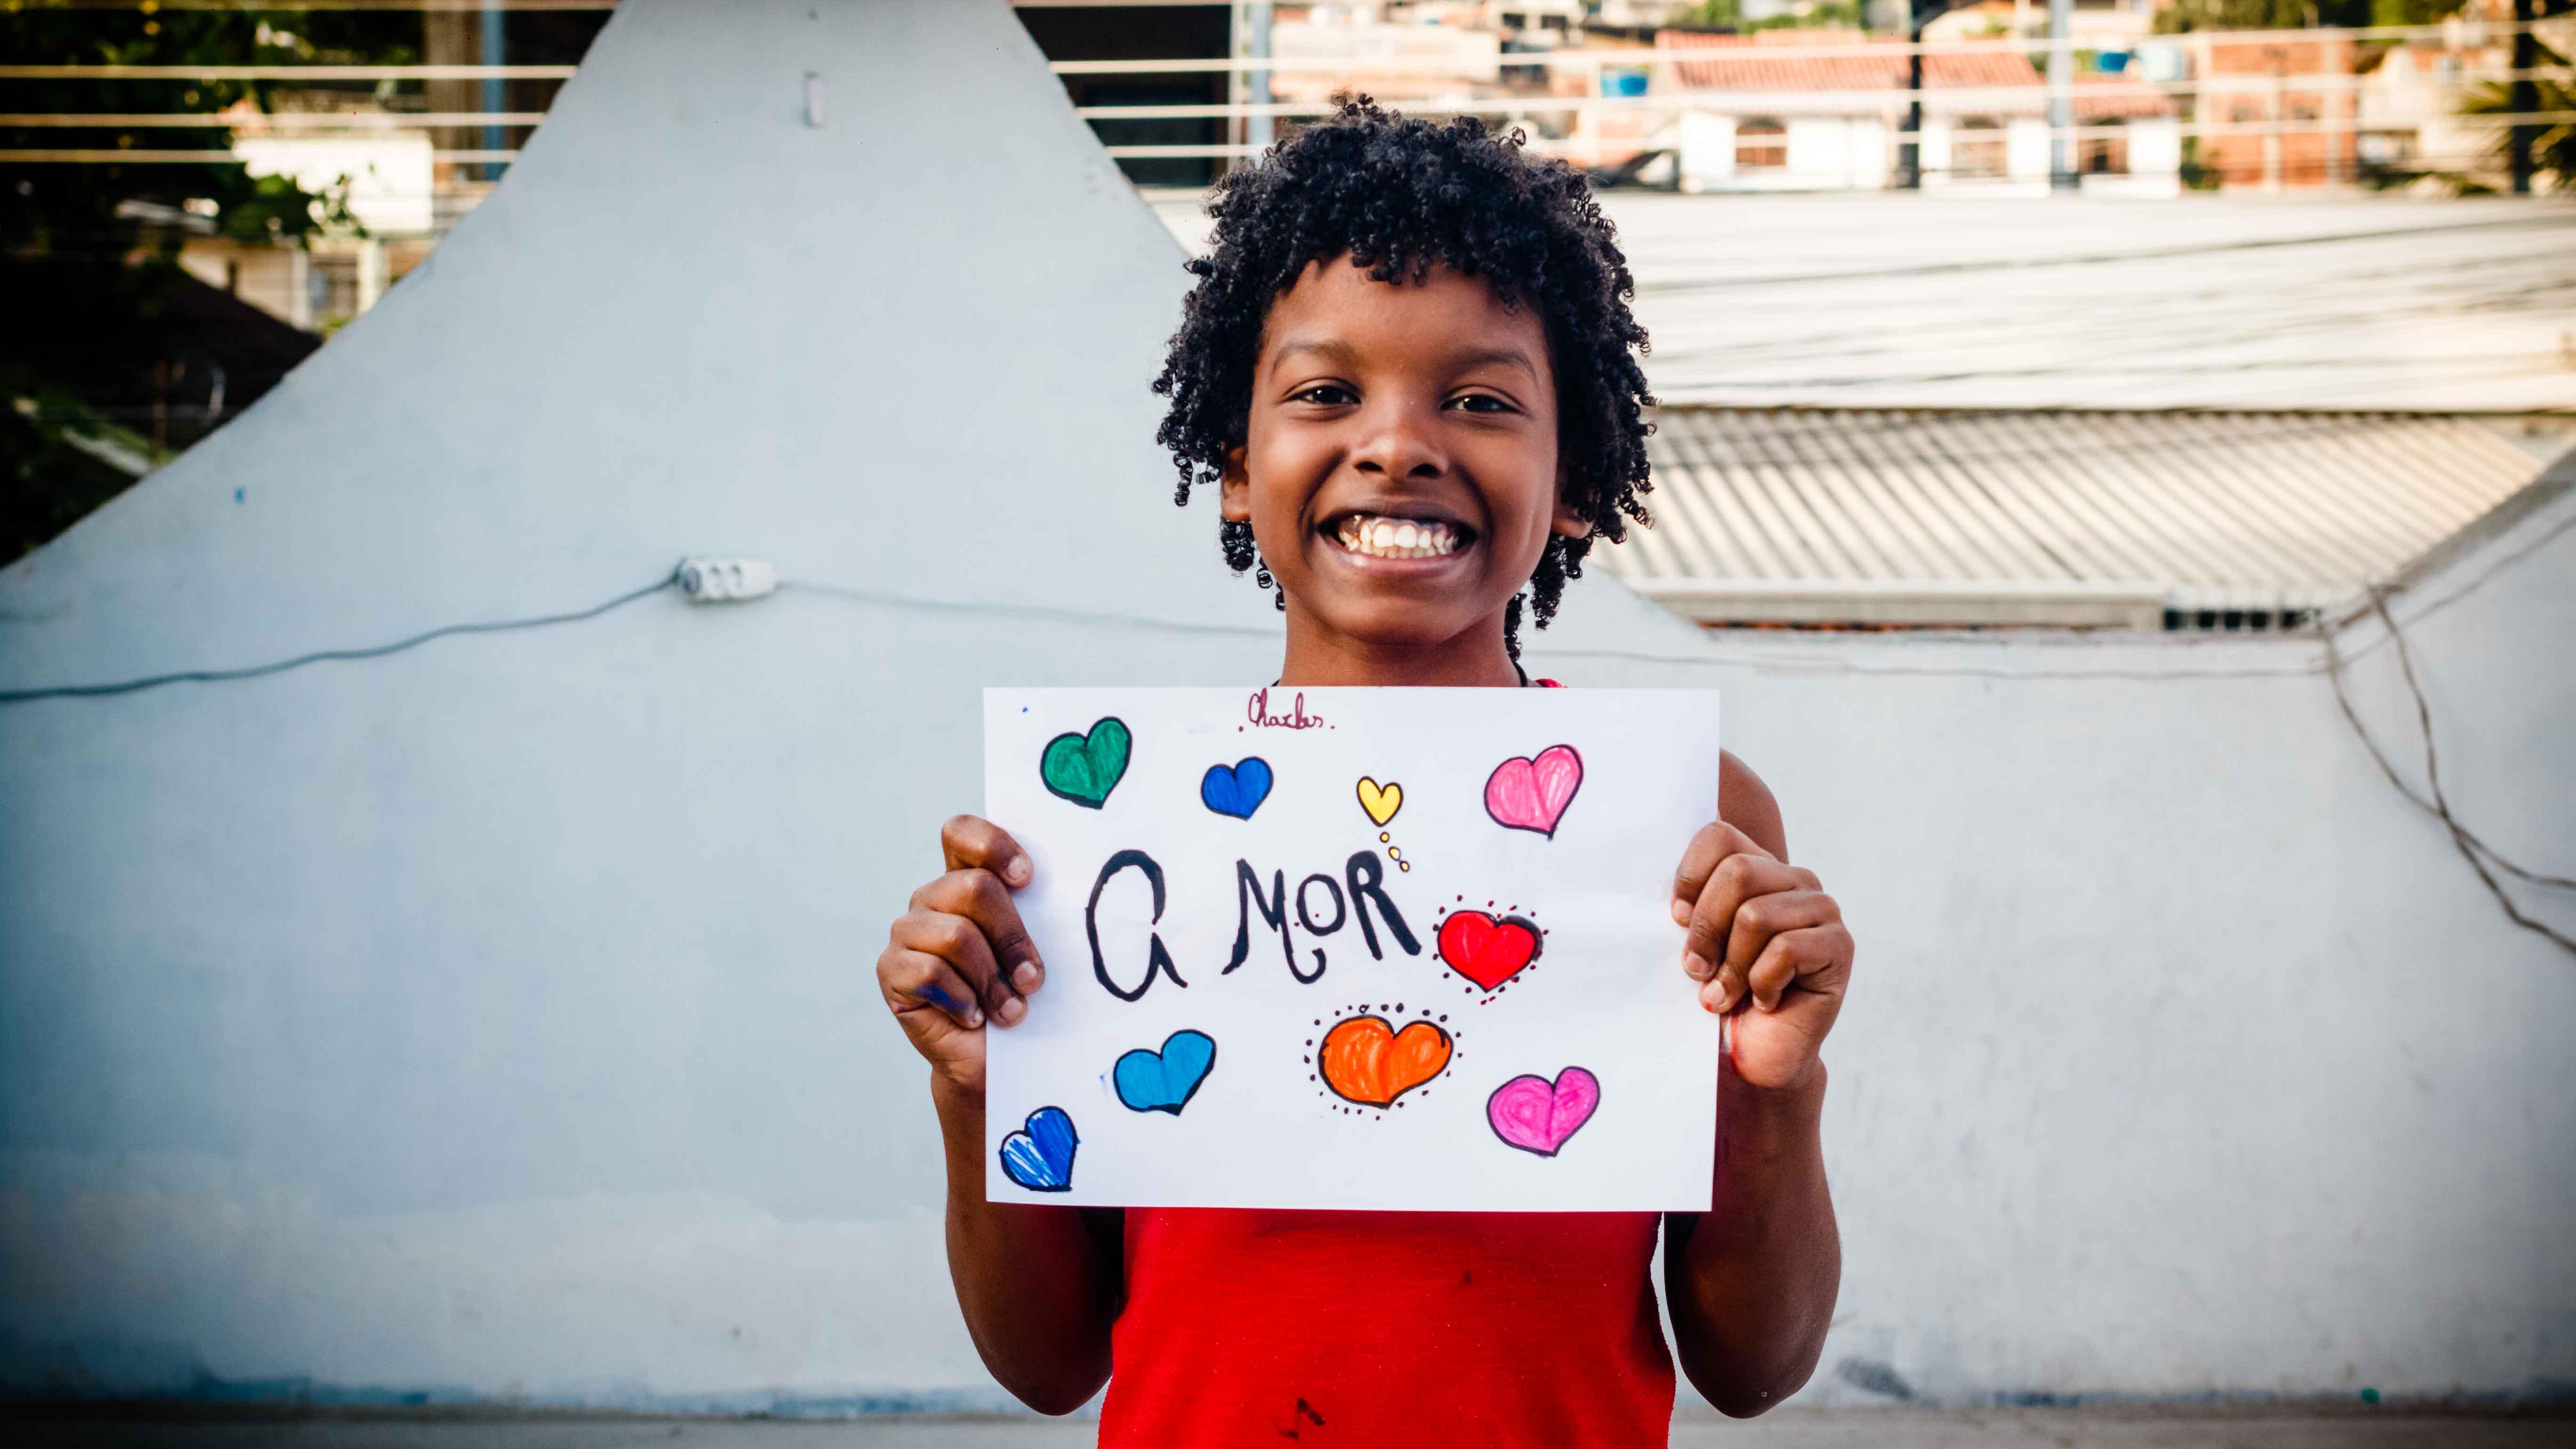 Paz e amor é o desejo das crianças do Complexo do Alemão para 2020